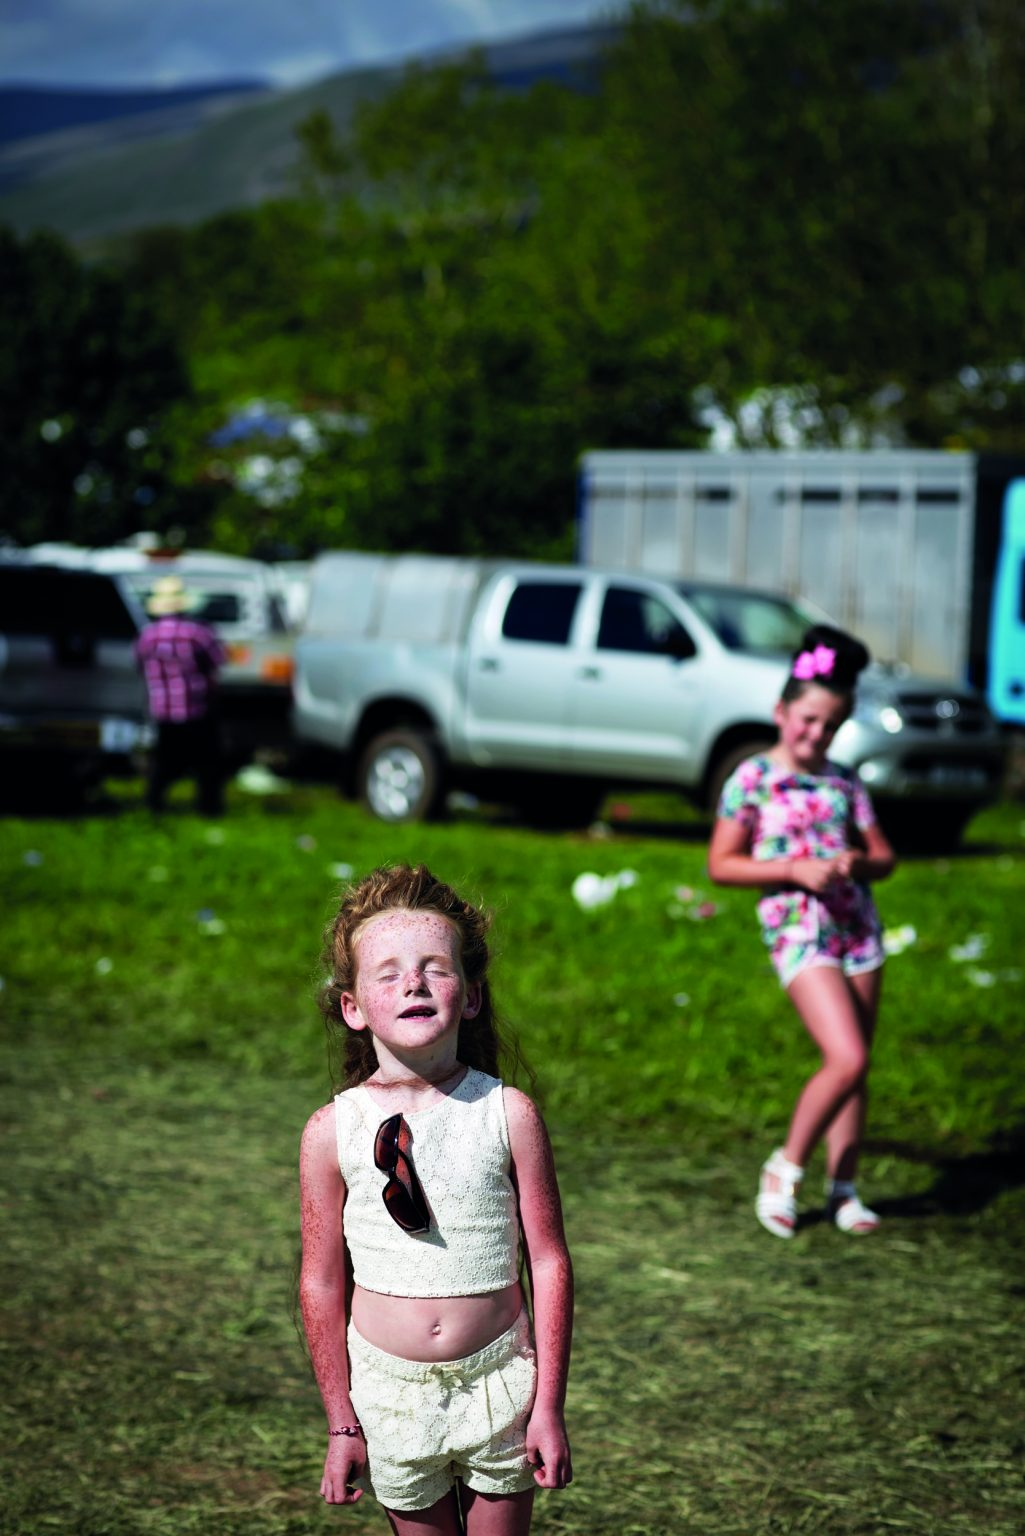 Appleby, United Kingdom, June 2015 - Appleby Horse Fair. Irene and Leona. ><  Appleby, Regno Unito, giugno 2015 - Appleby Horse Fair. Irene e Leona. *** Local Caption ***